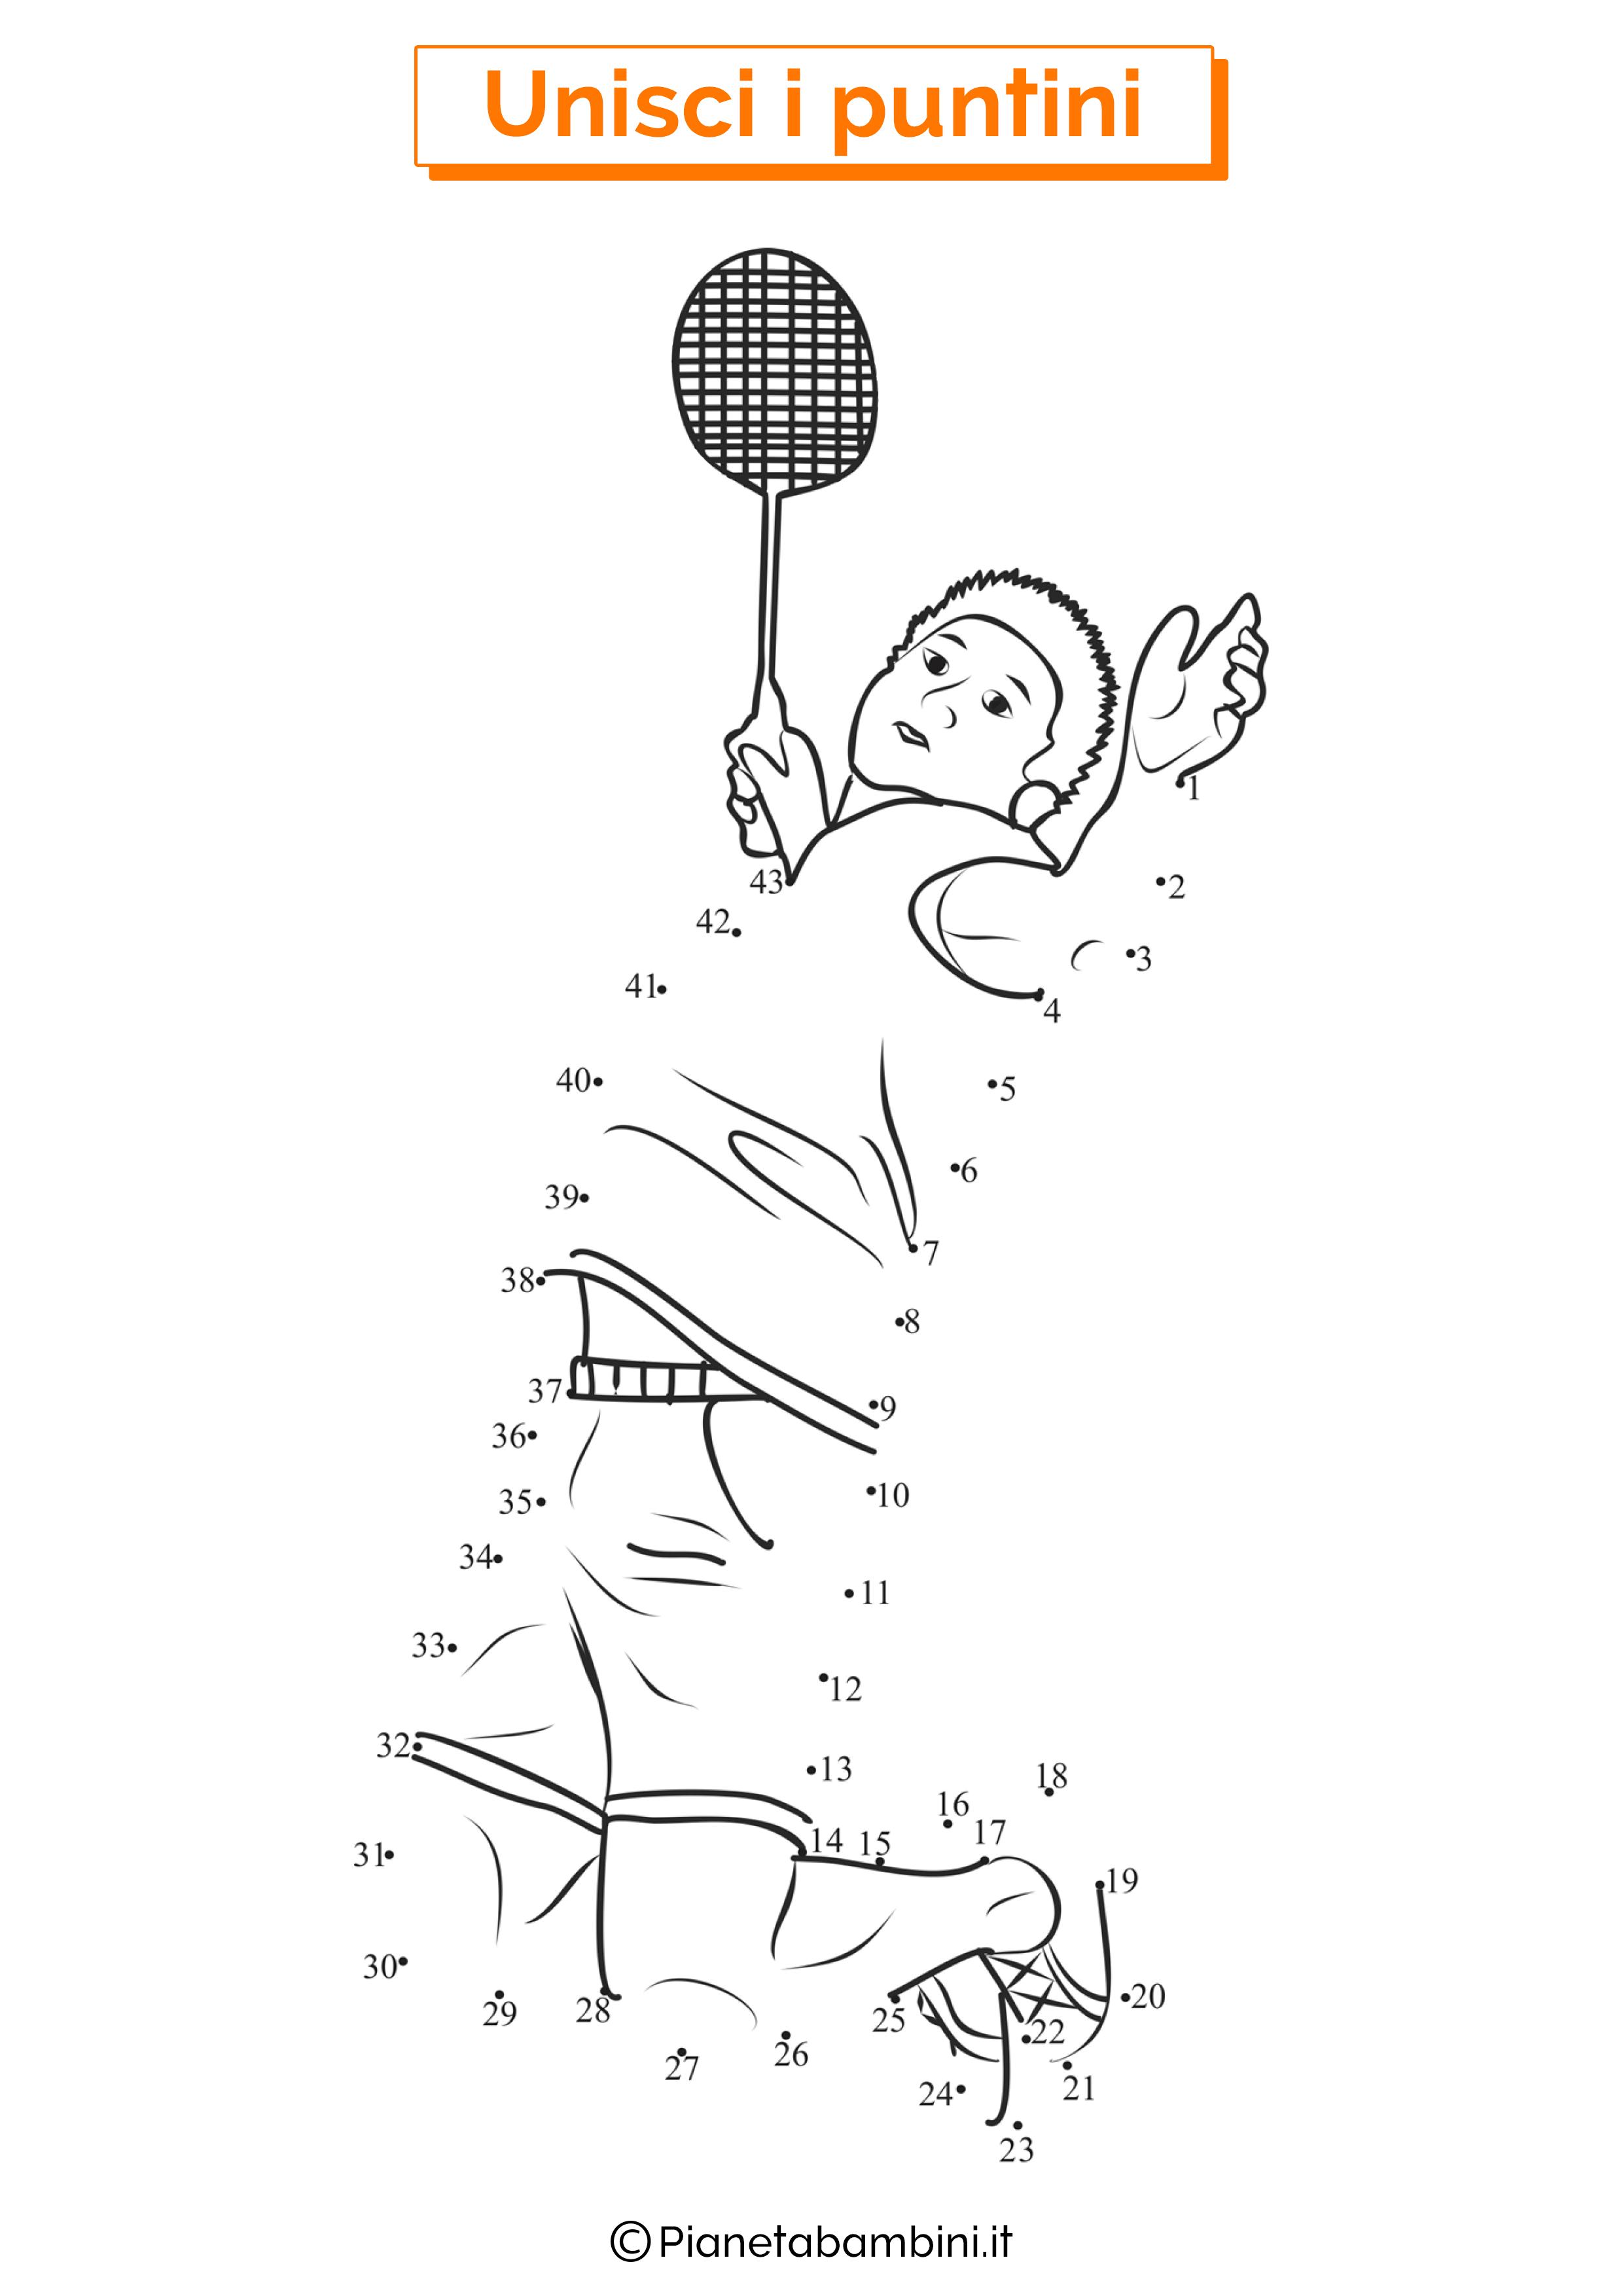 Disegno unisci i puntini tennis